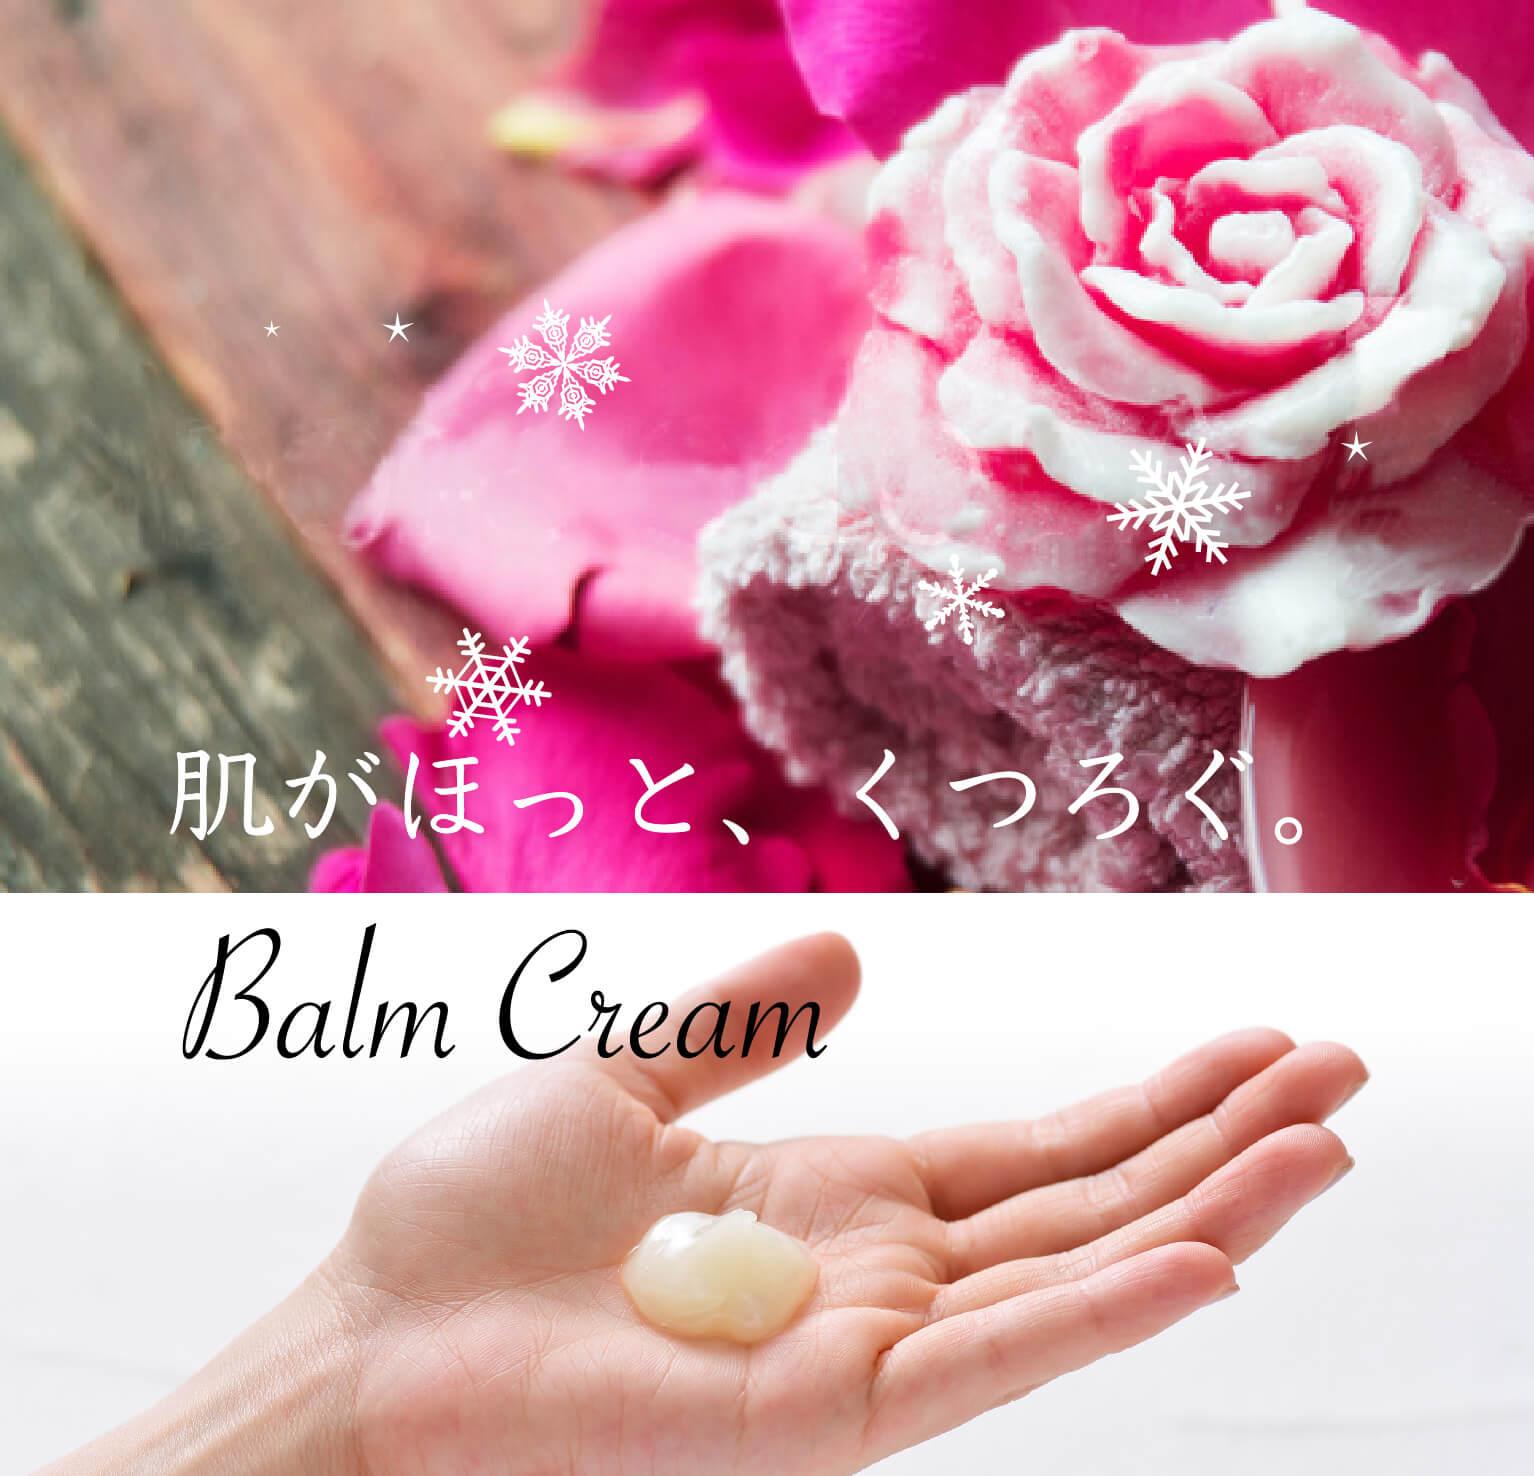 肌がほっとくつろぐ Balm Cream